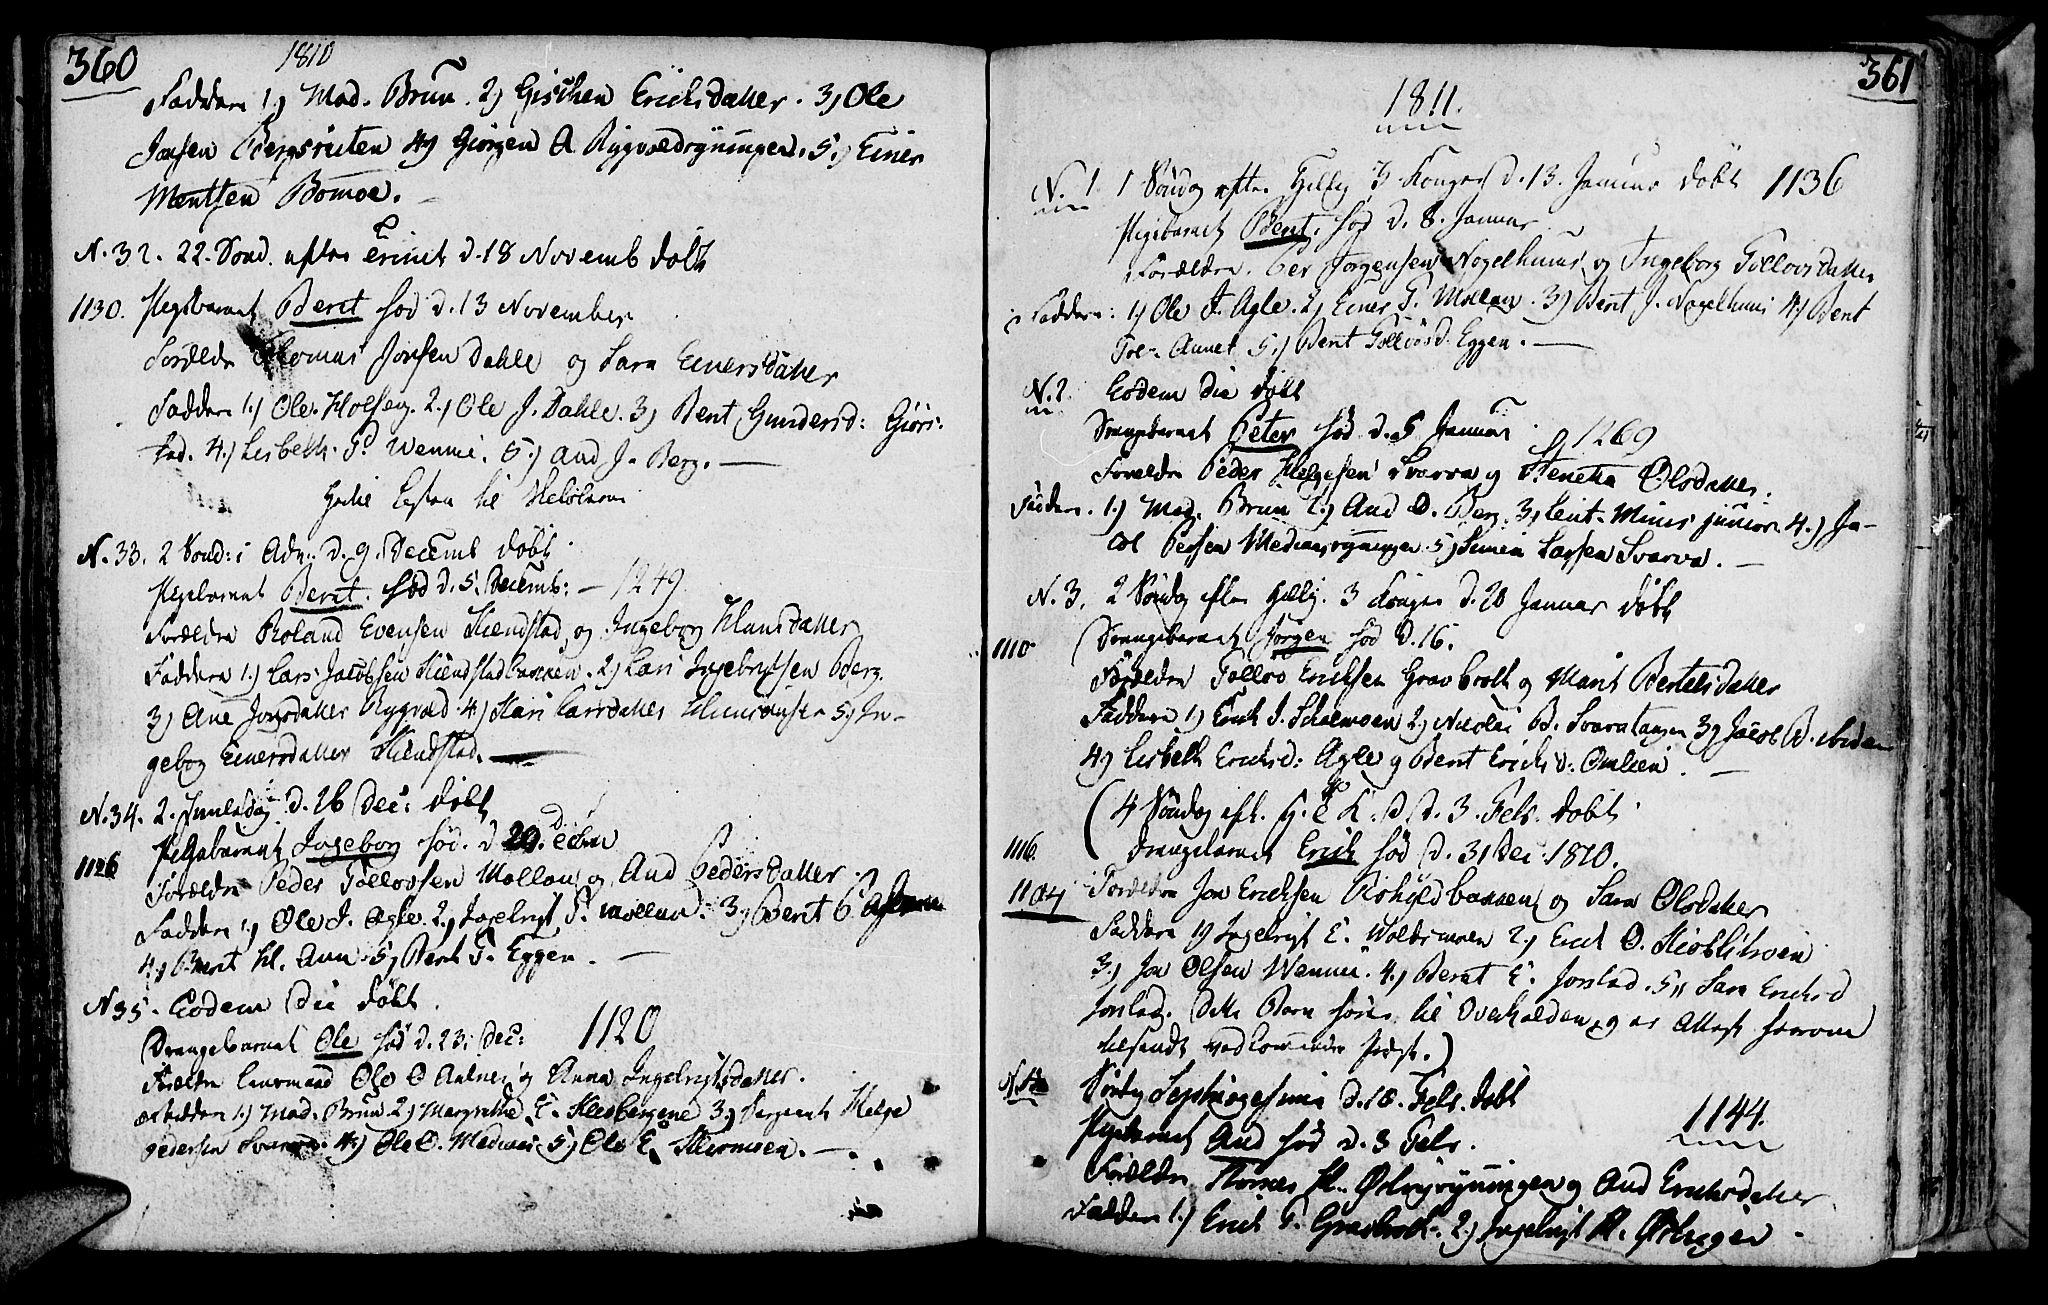 SAT, Ministerialprotokoller, klokkerbøker og fødselsregistre - Nord-Trøndelag, 749/L0468: Ministerialbok nr. 749A02, 1787-1817, s. 360-361